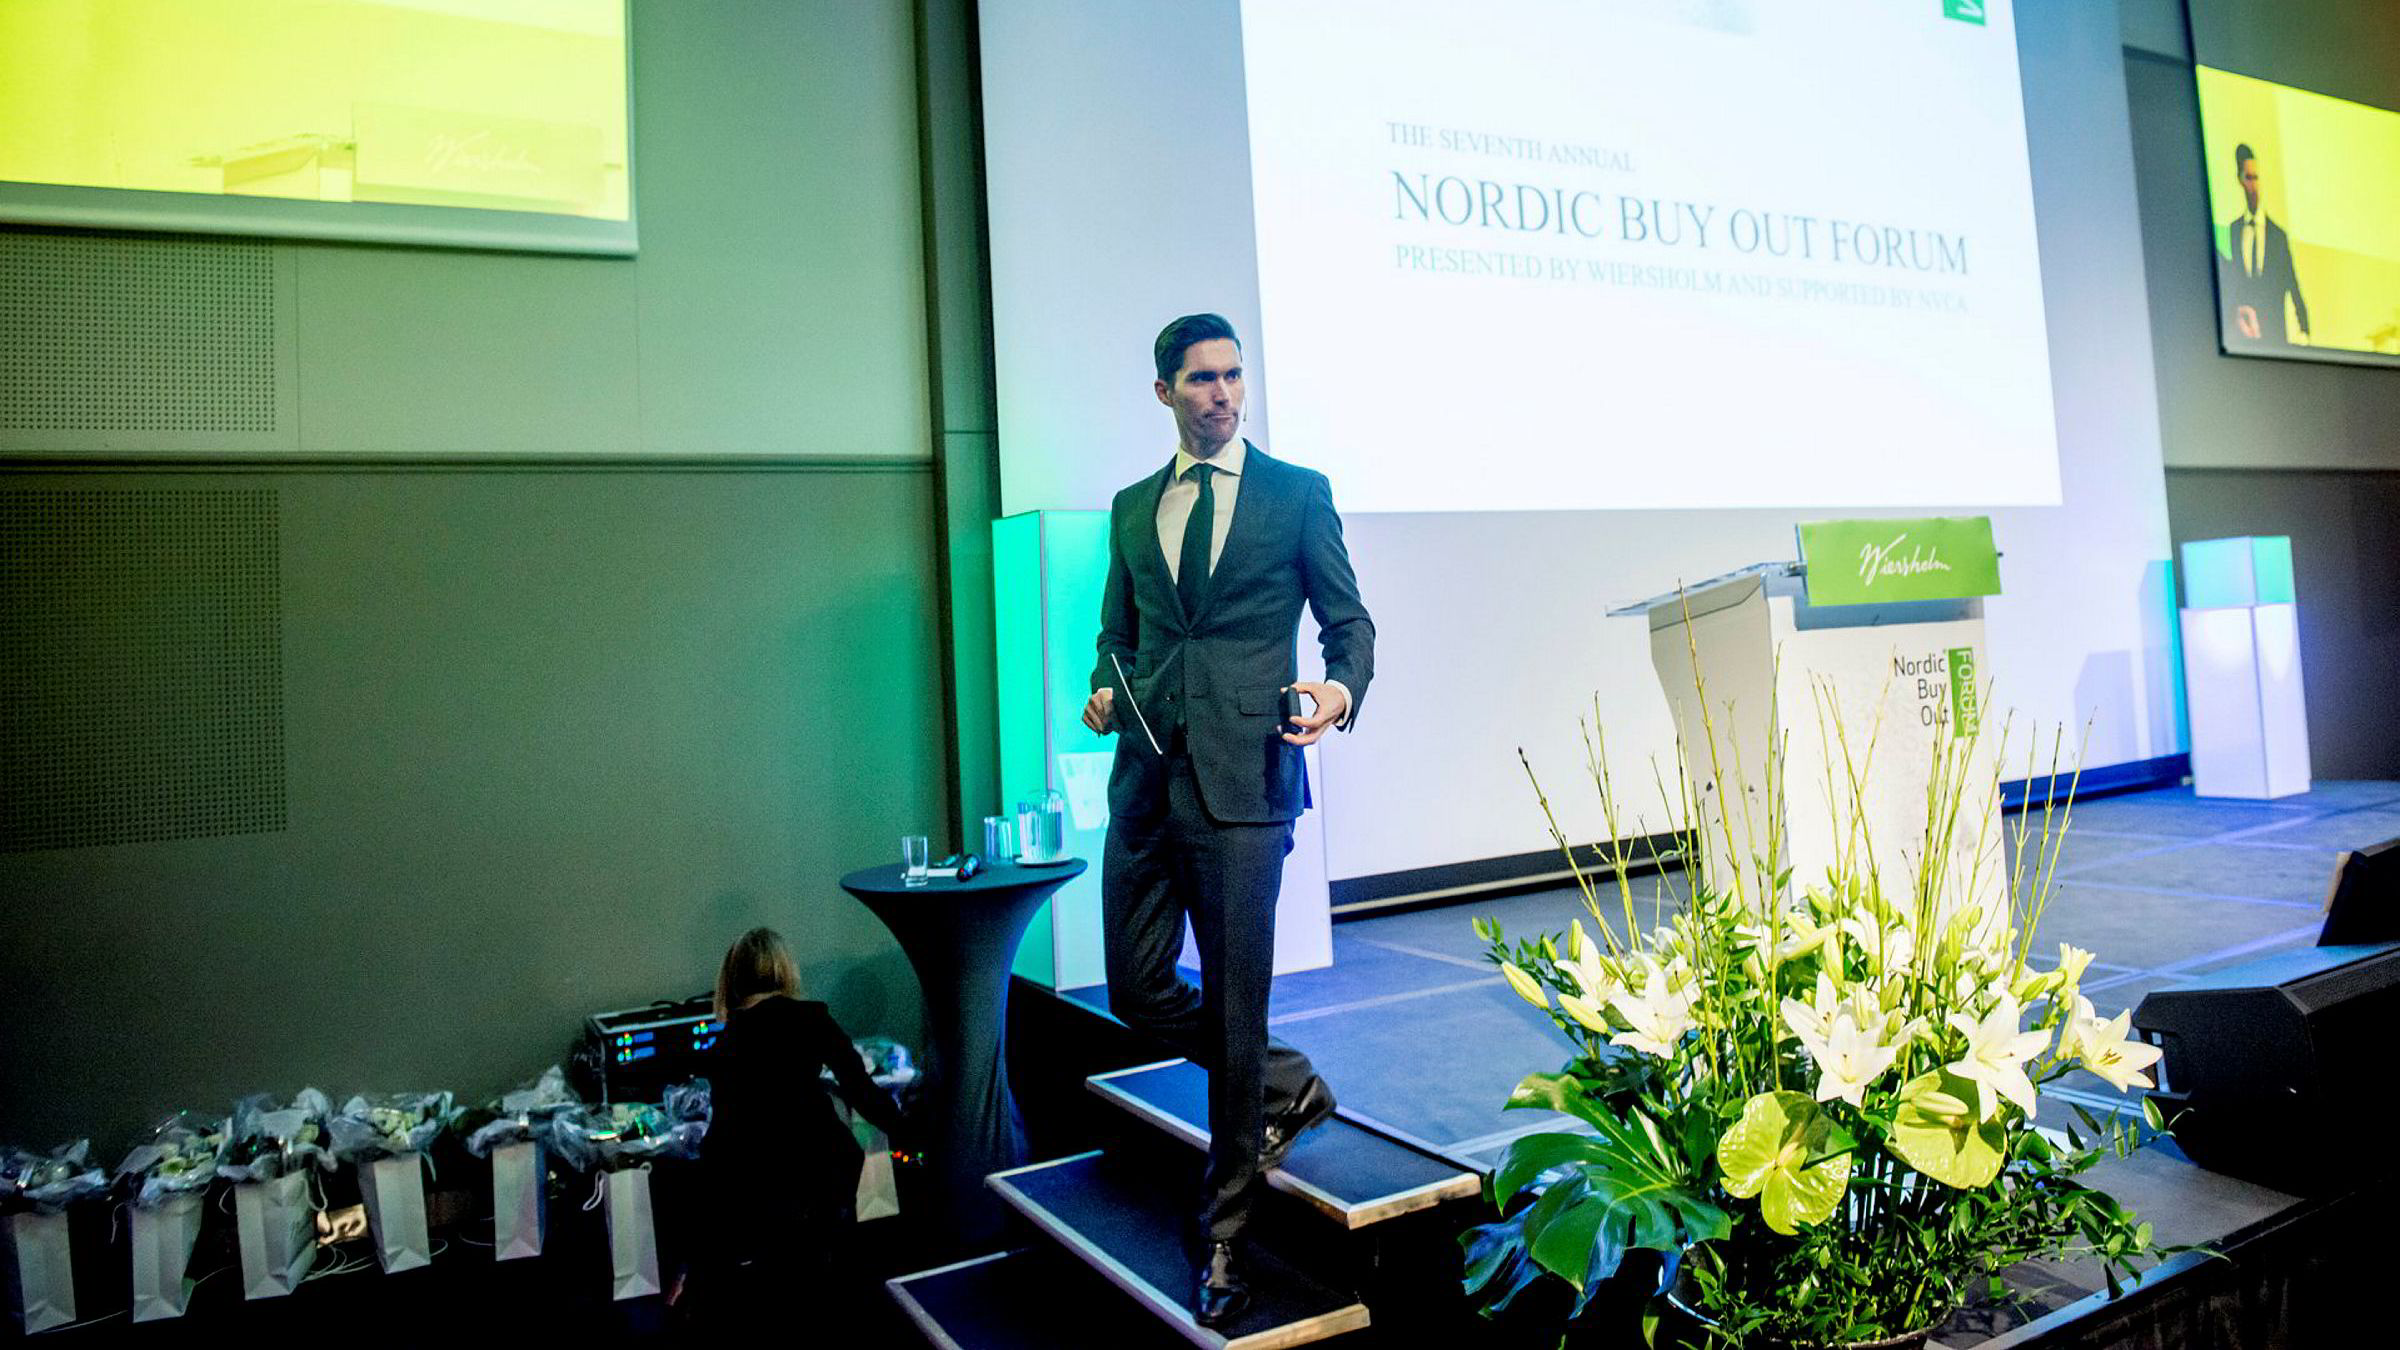 Leder for oppkjøpsfondet KKRs investeringer i Norden, Anders Borg, regner på nye oppkjøp i Norge og tror det meste av pengene i fremtiden vil gi inn i teknologidrevne selskaper.